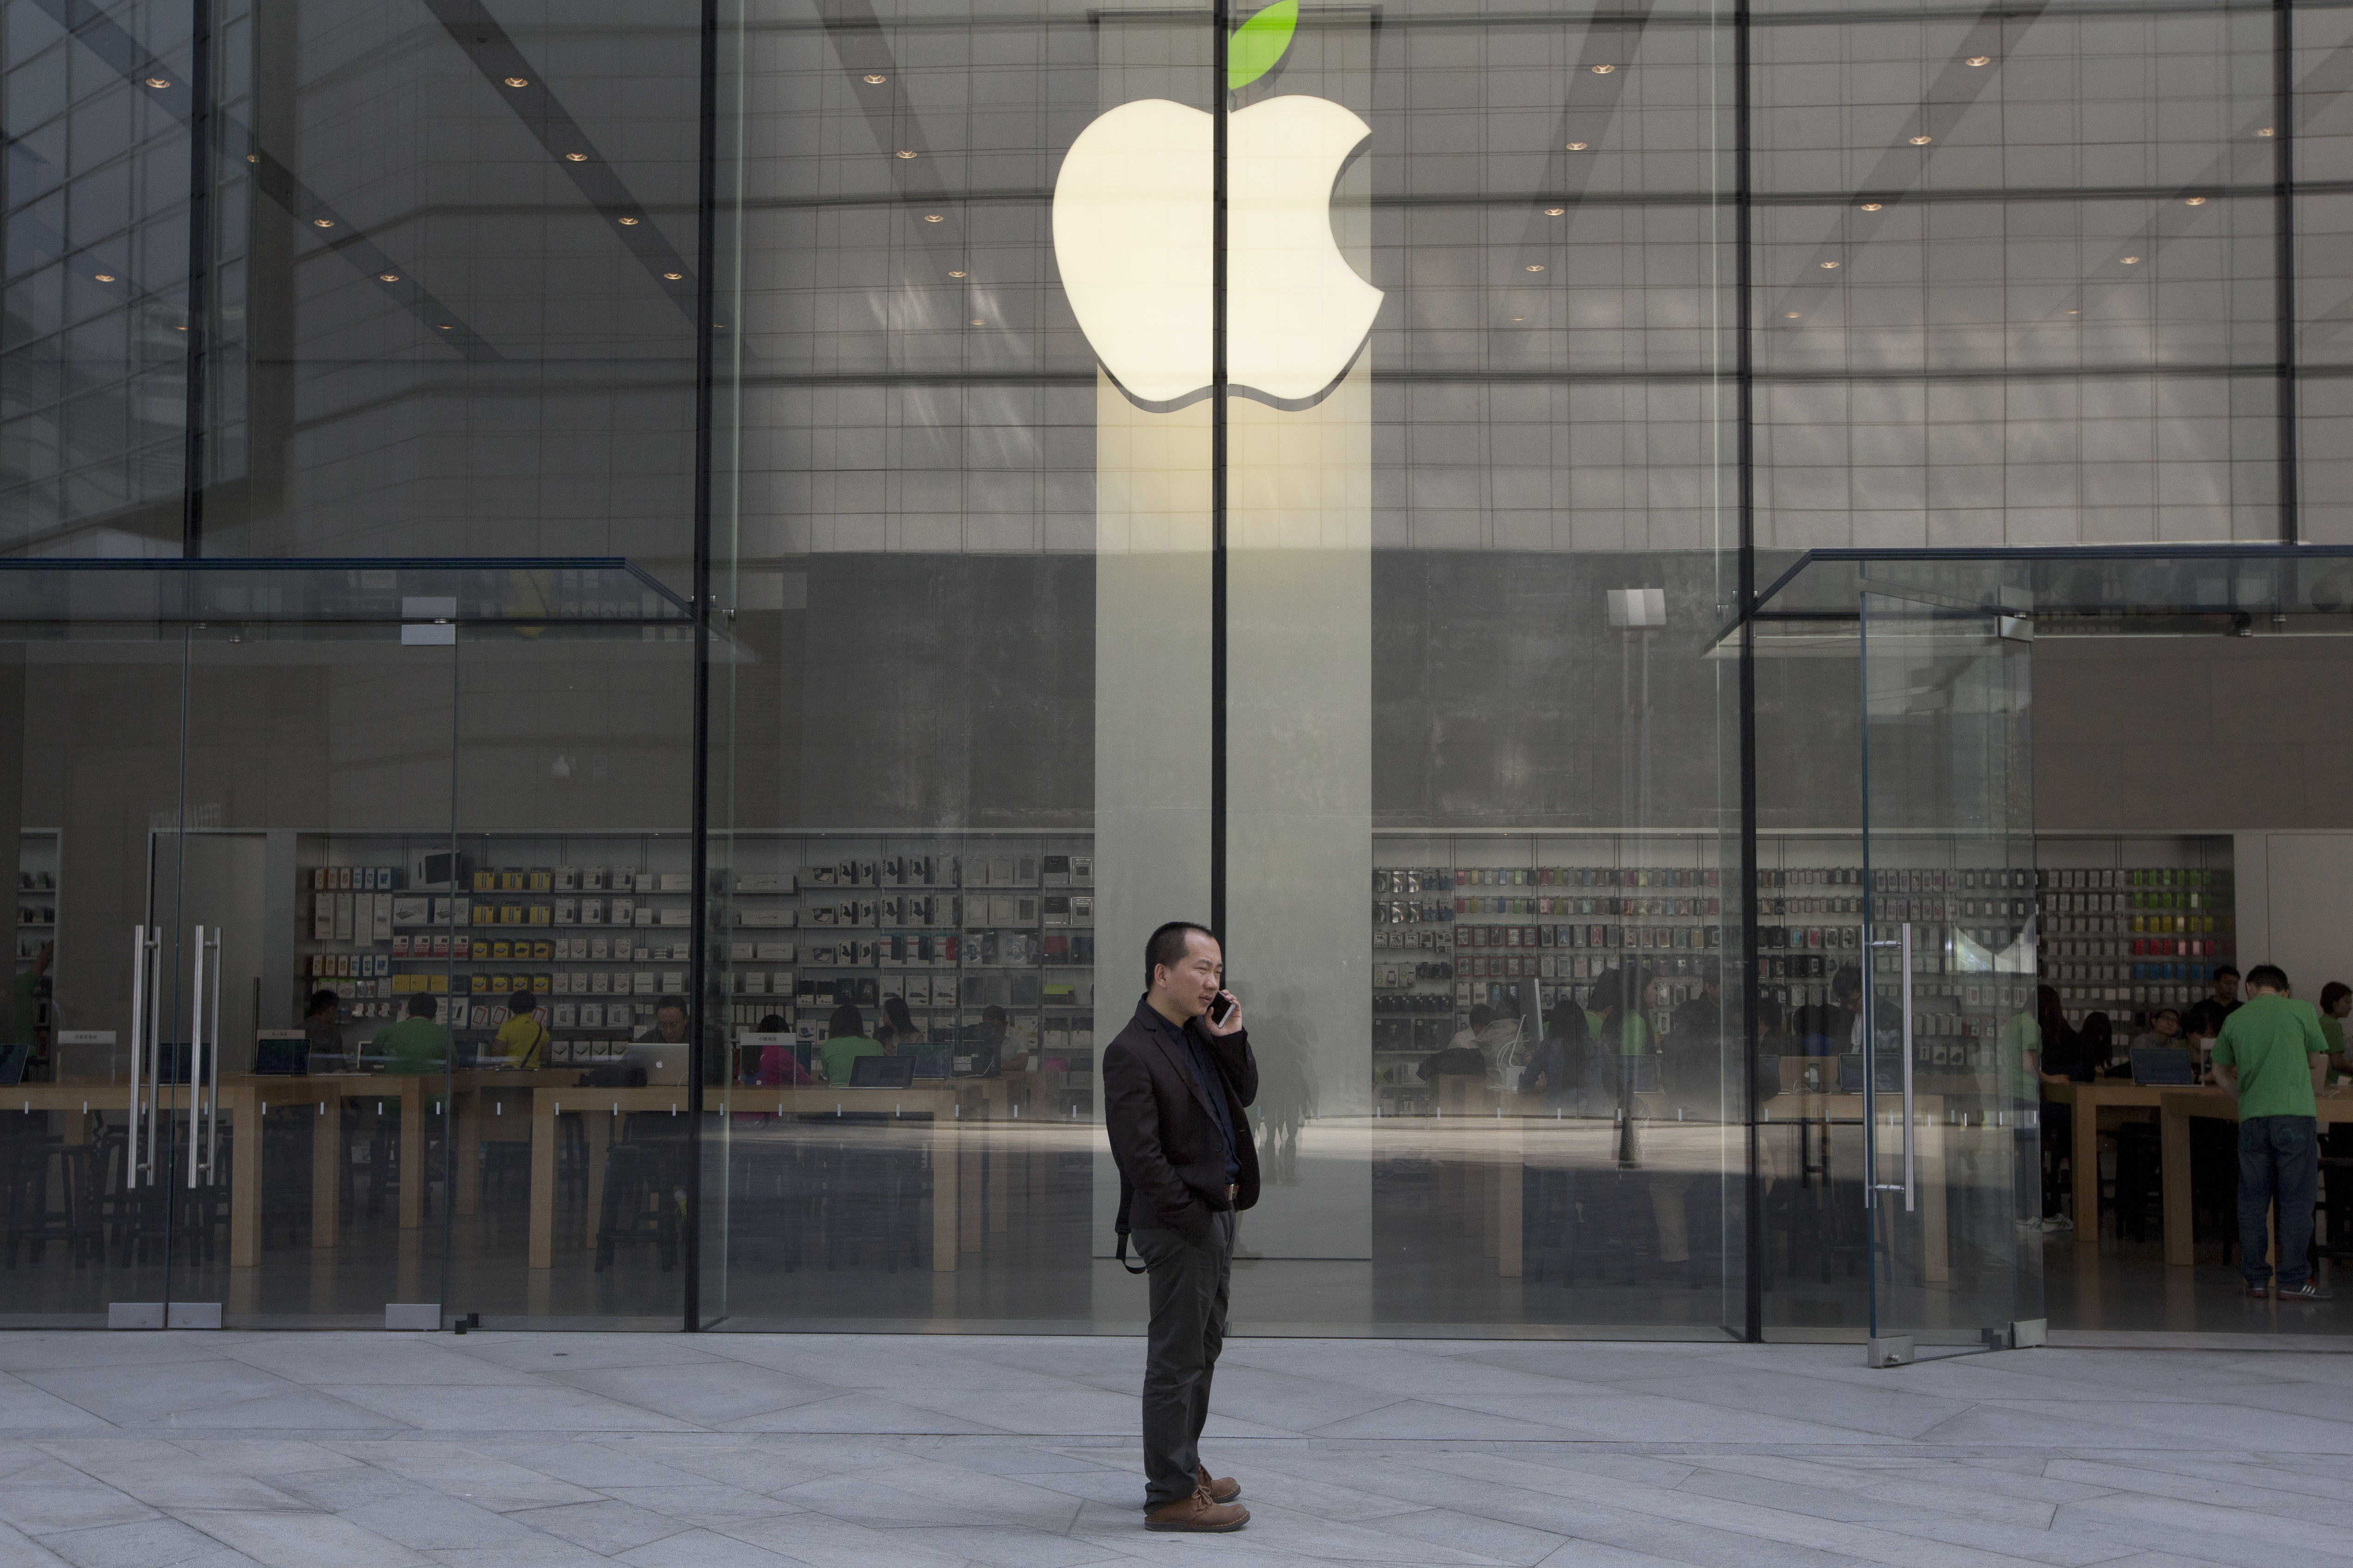 В странах-участниках программы по отзыву бракованного аксессуара для iPhone владельцы смартфона могут обратиться в Apple